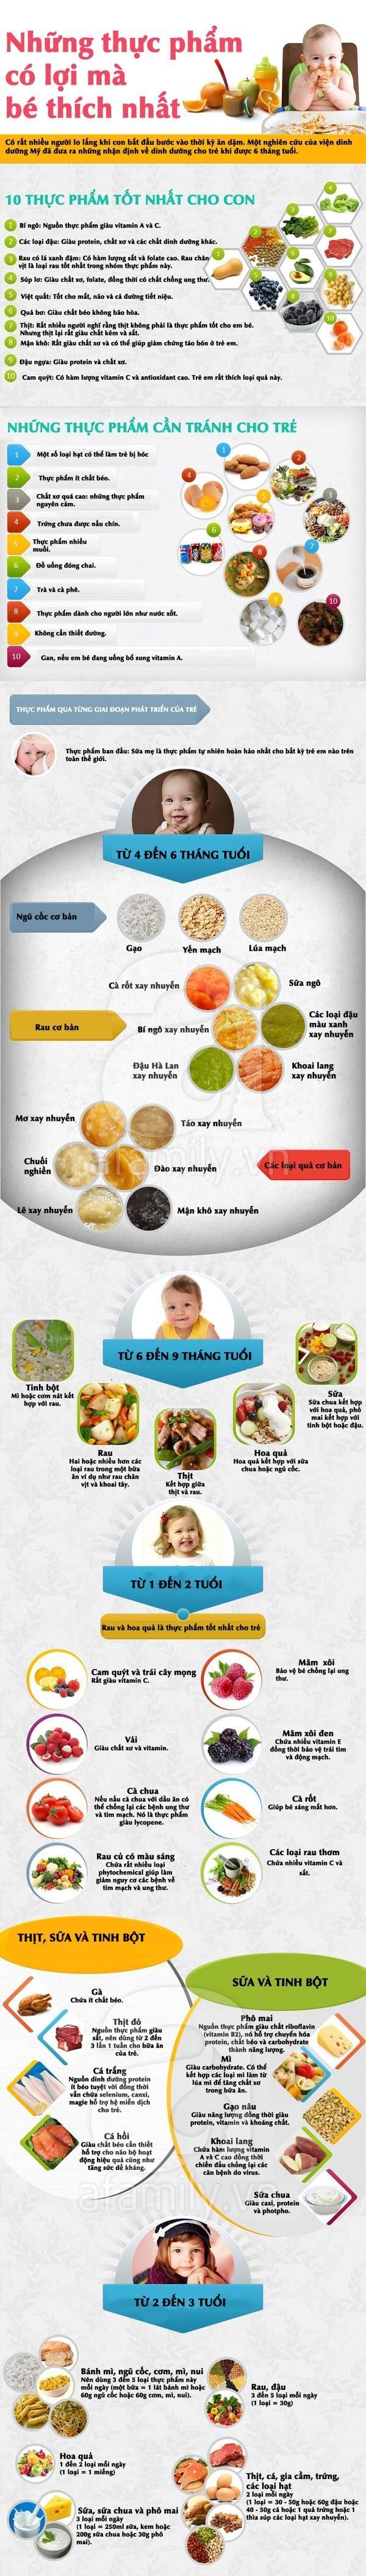 Những thực phẩm rất tốt và cần thiết cho trẻ